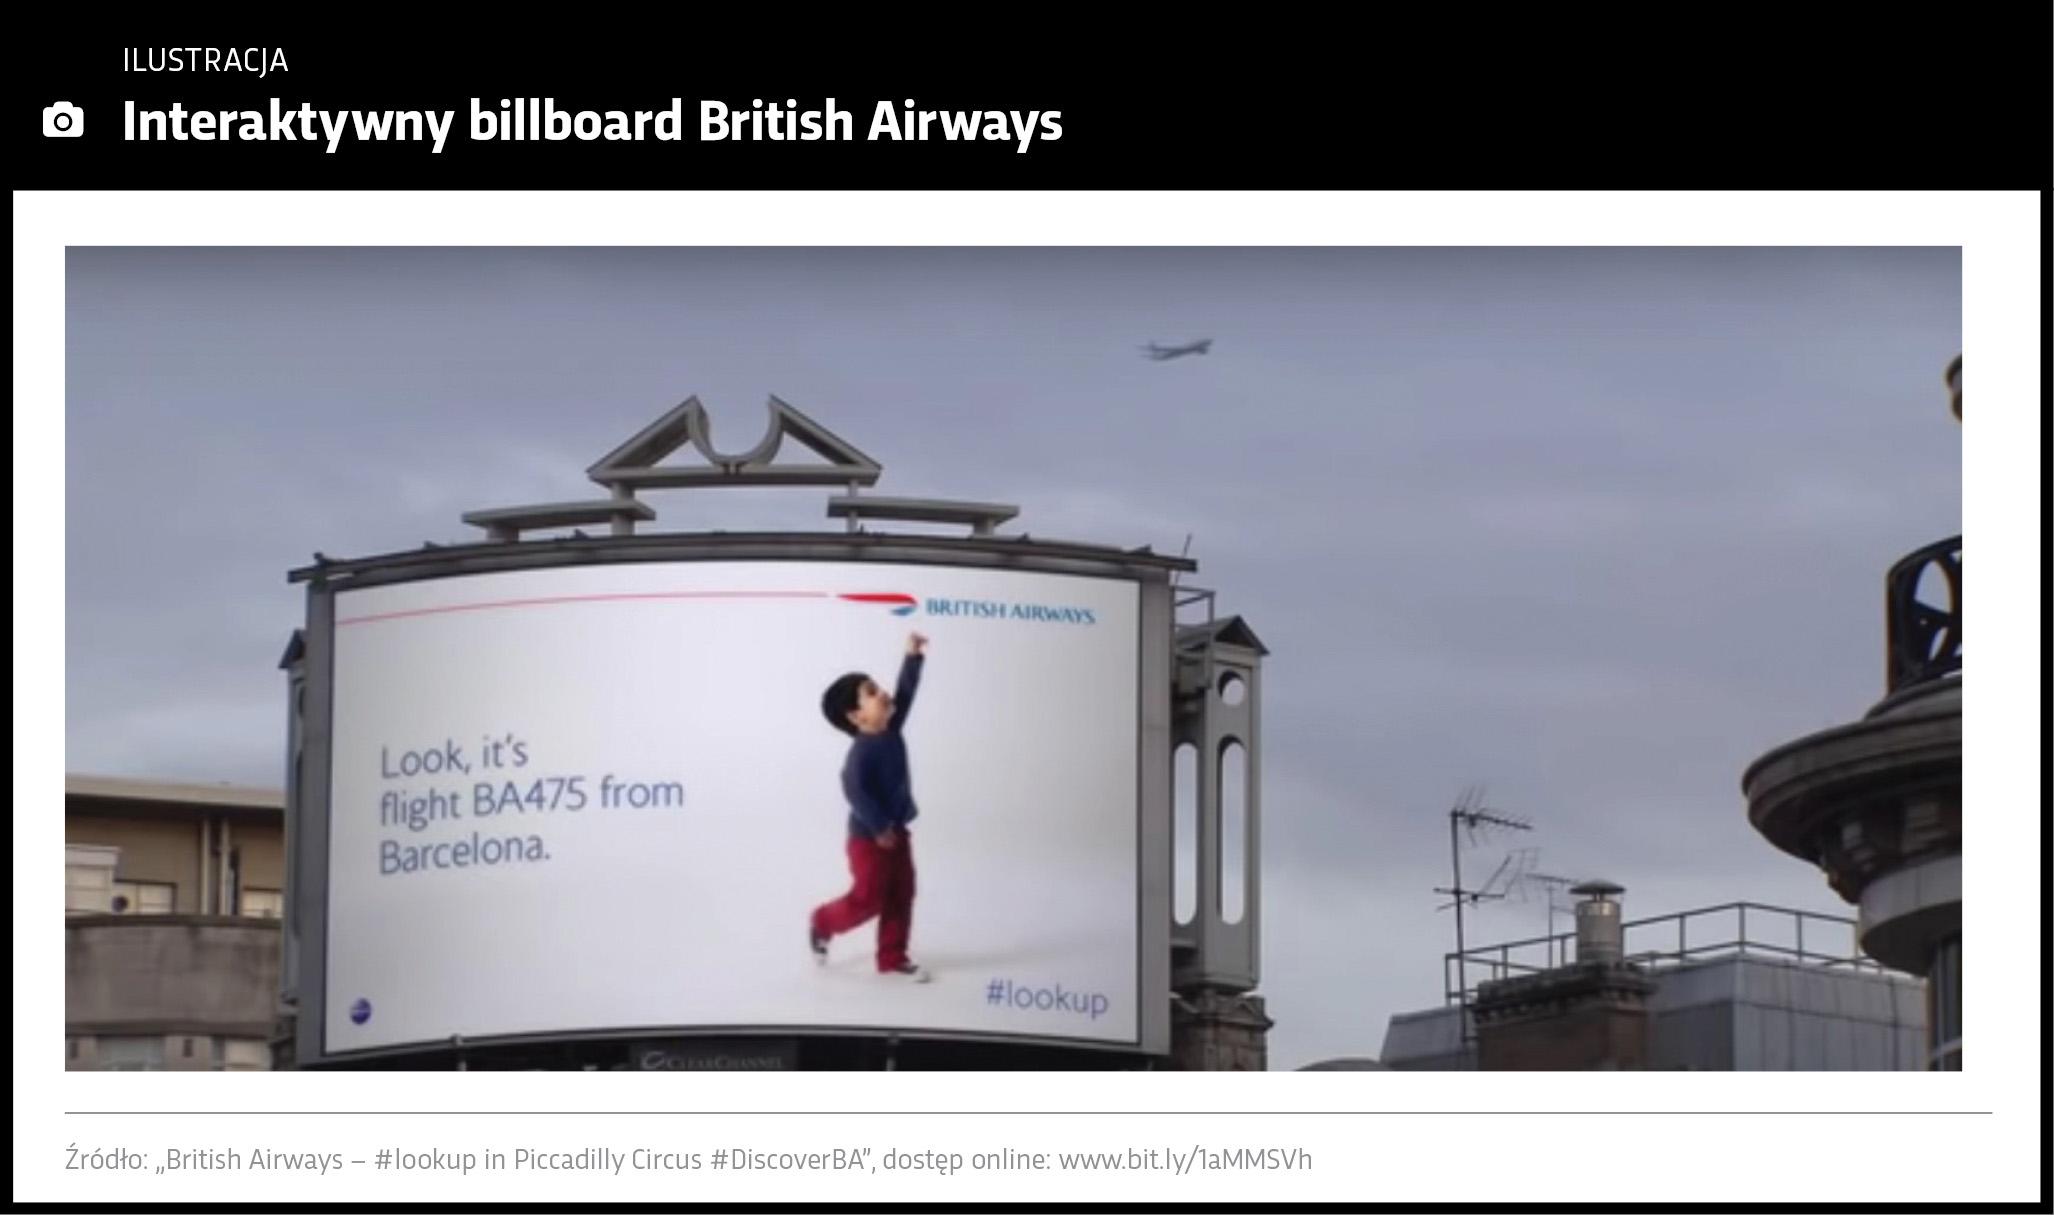 Zdjęcie przedstawia interaktywny billboard British Airways